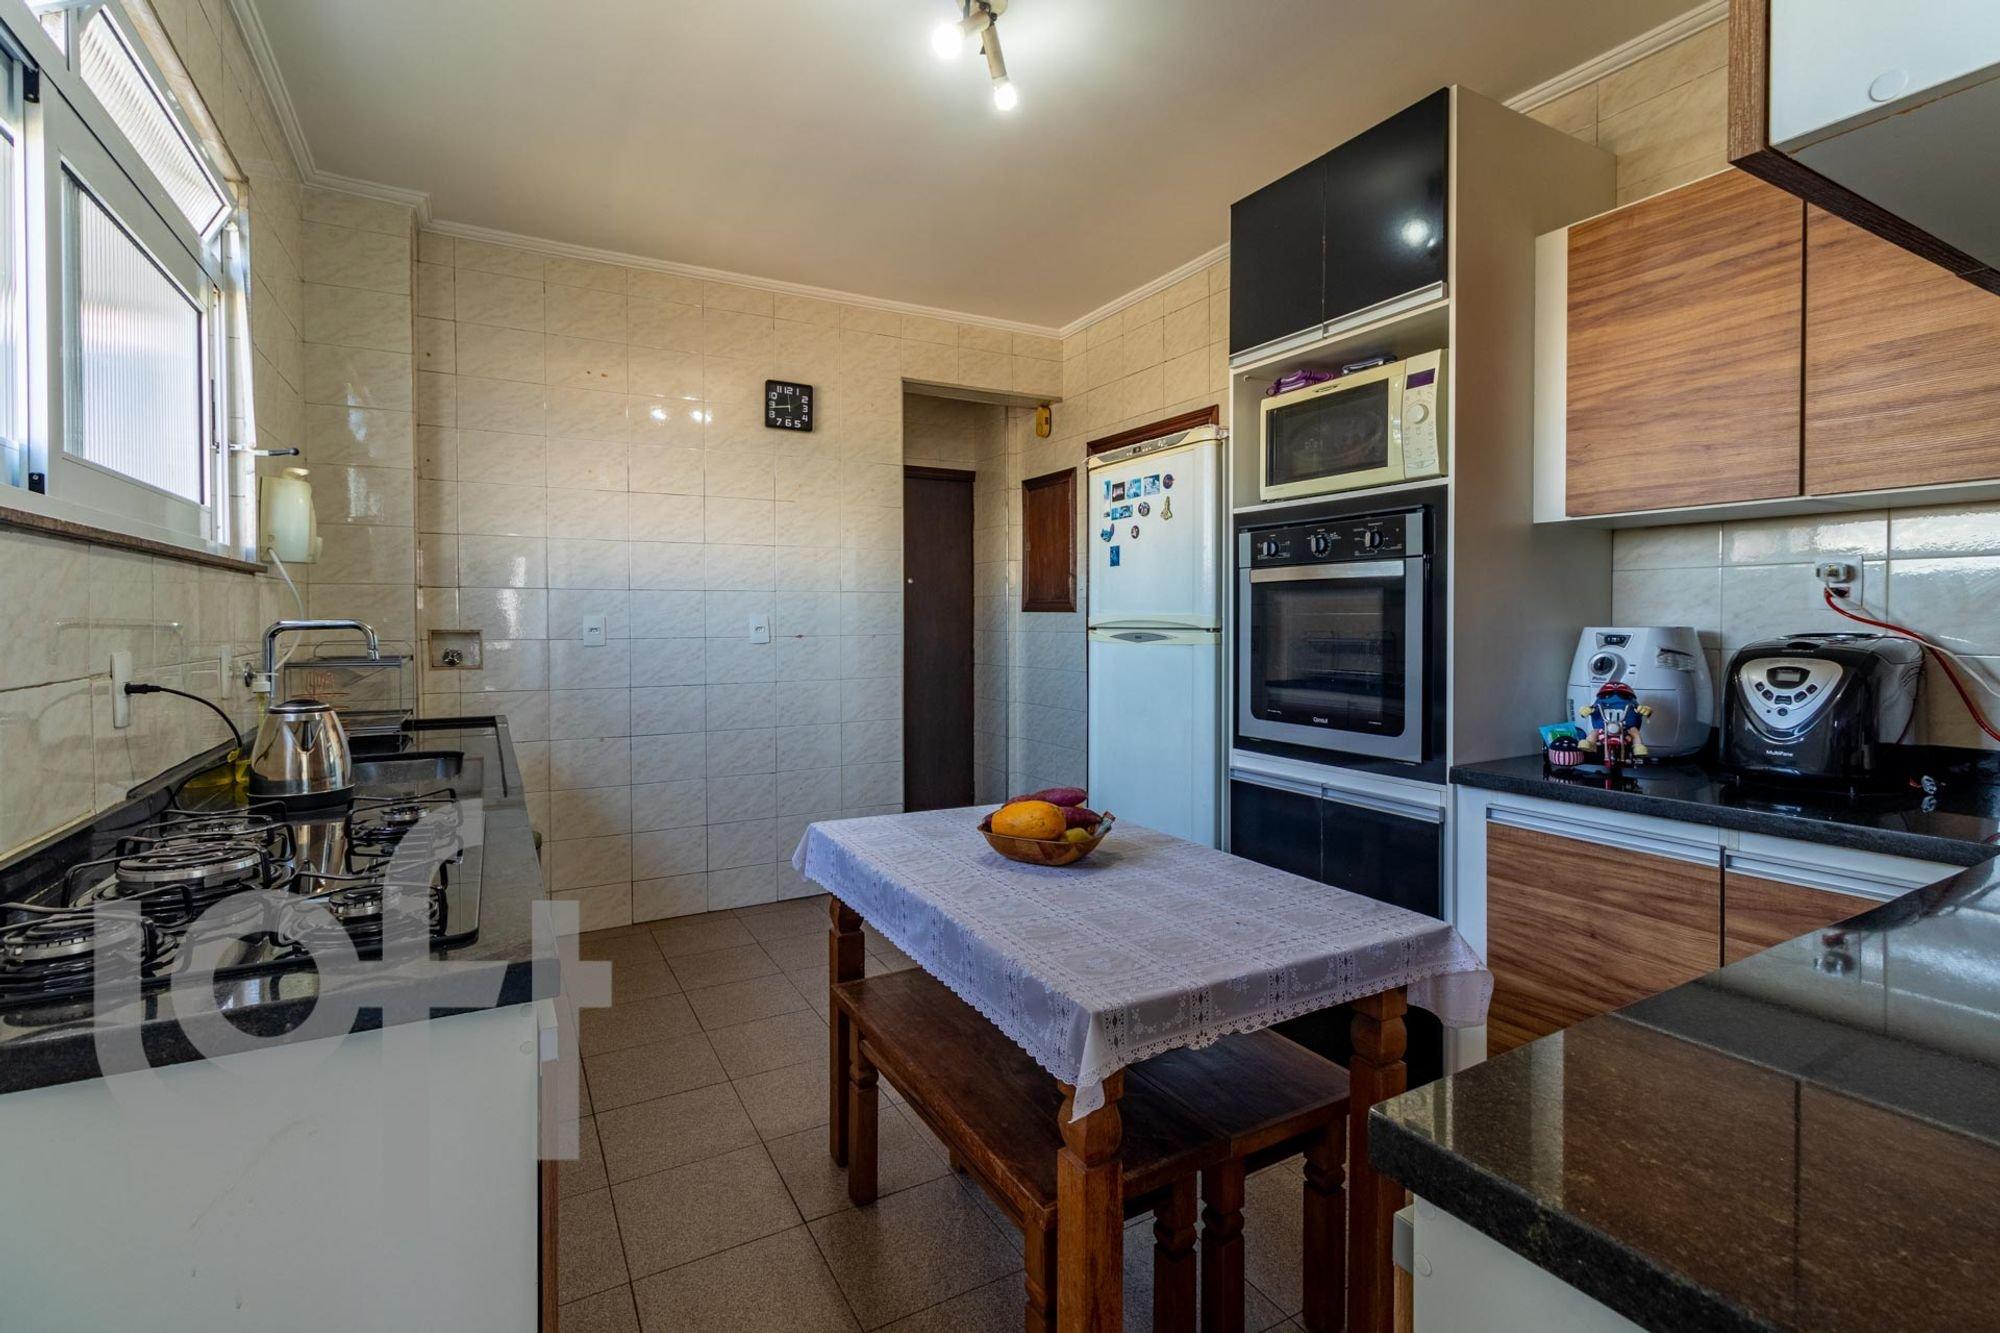 Foto de Cozinha com forno, tigela, geladeira, mesa de jantar